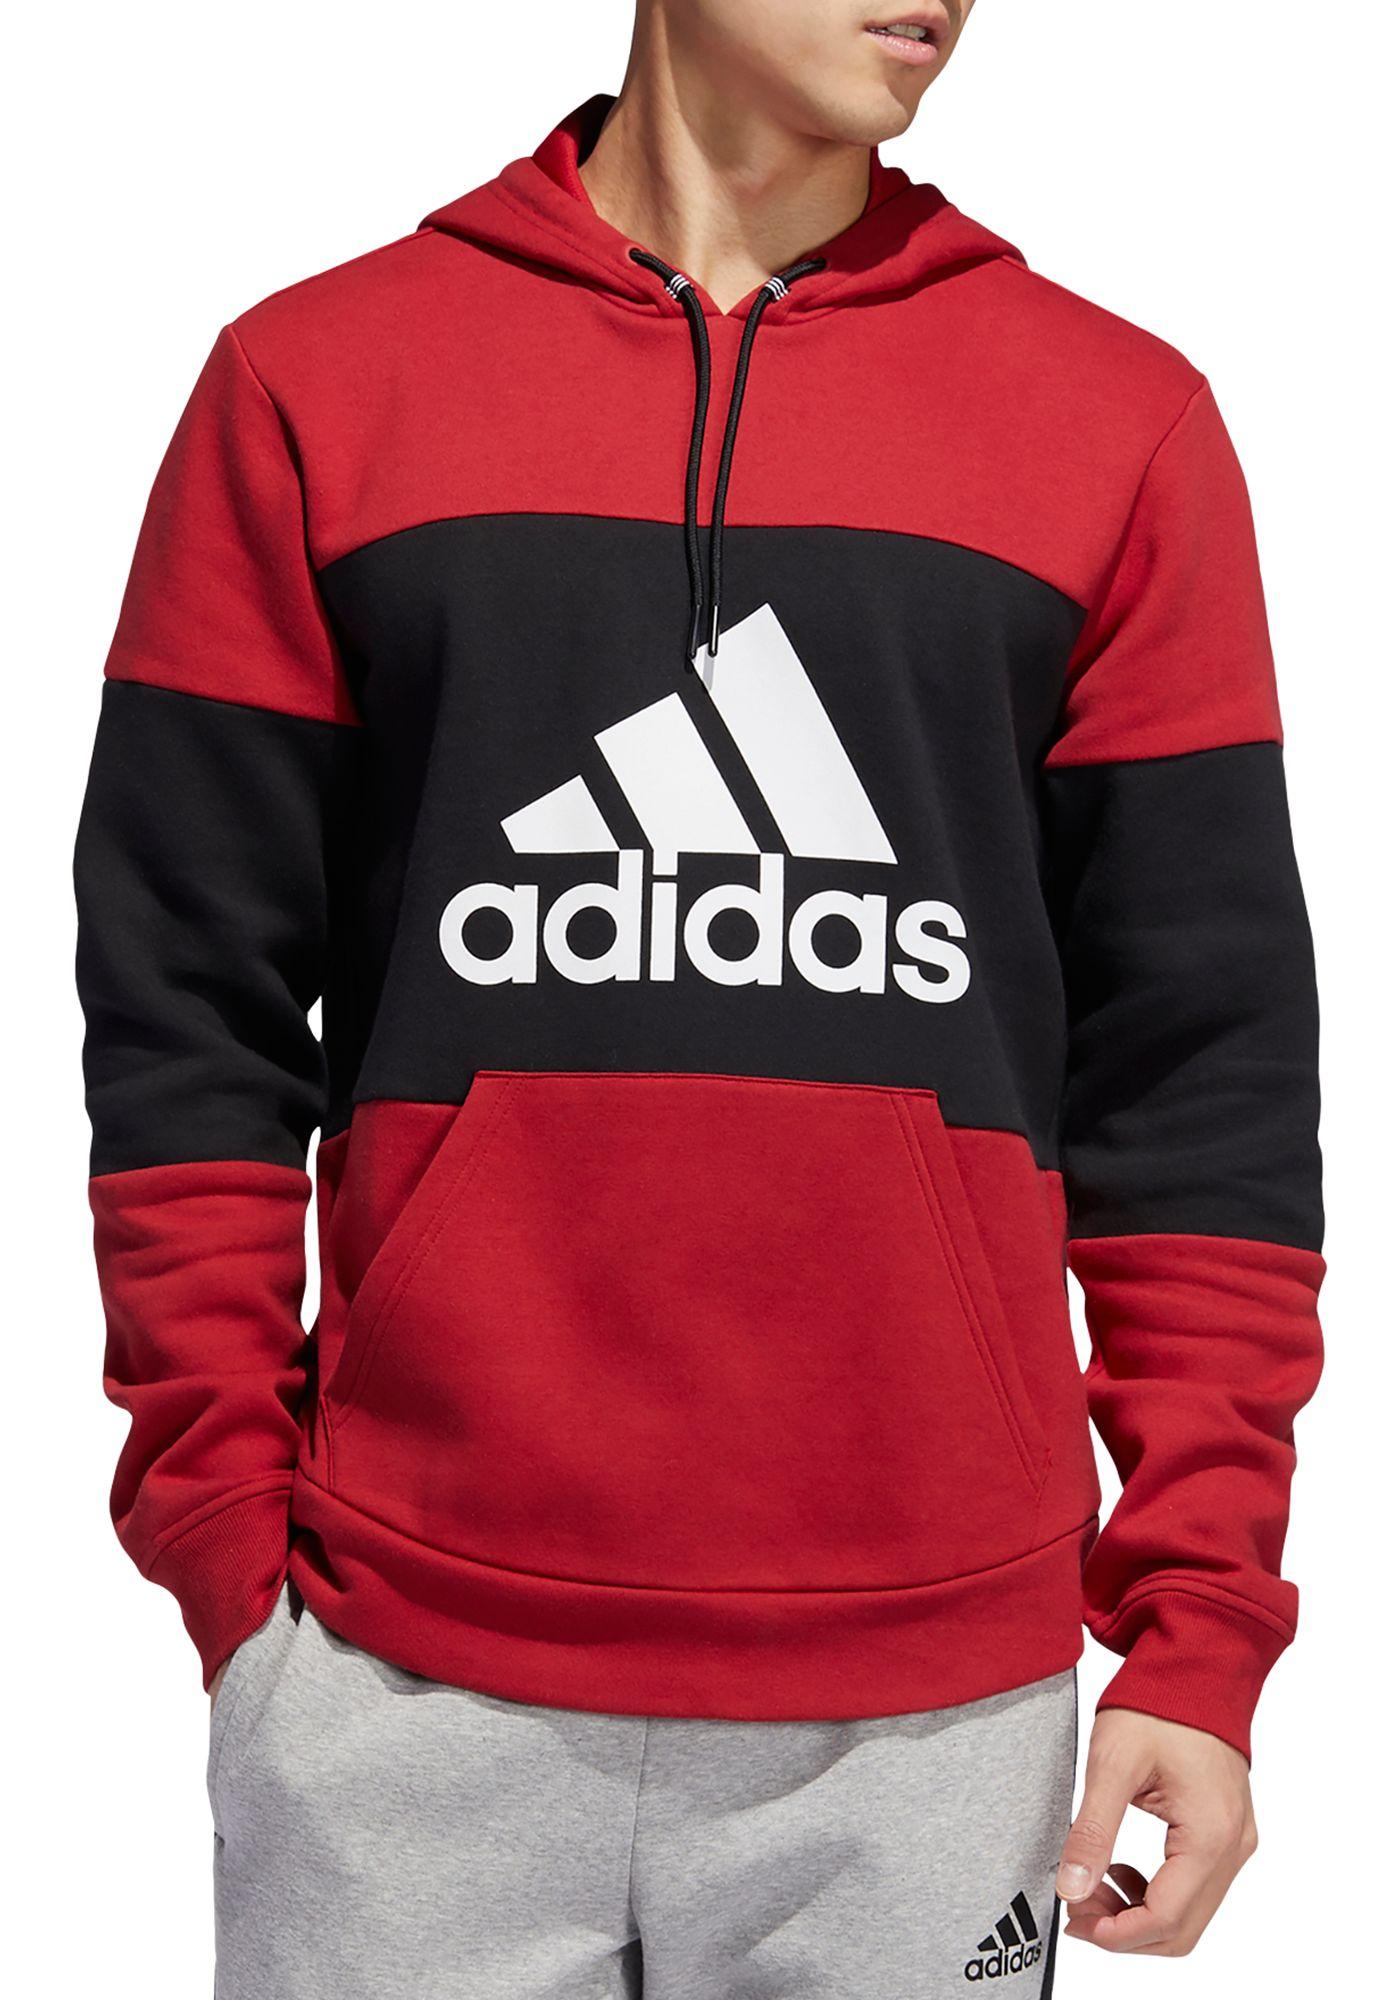 adidas Men's Post Game Fleece Badge Of Sport Graphic Hoodie